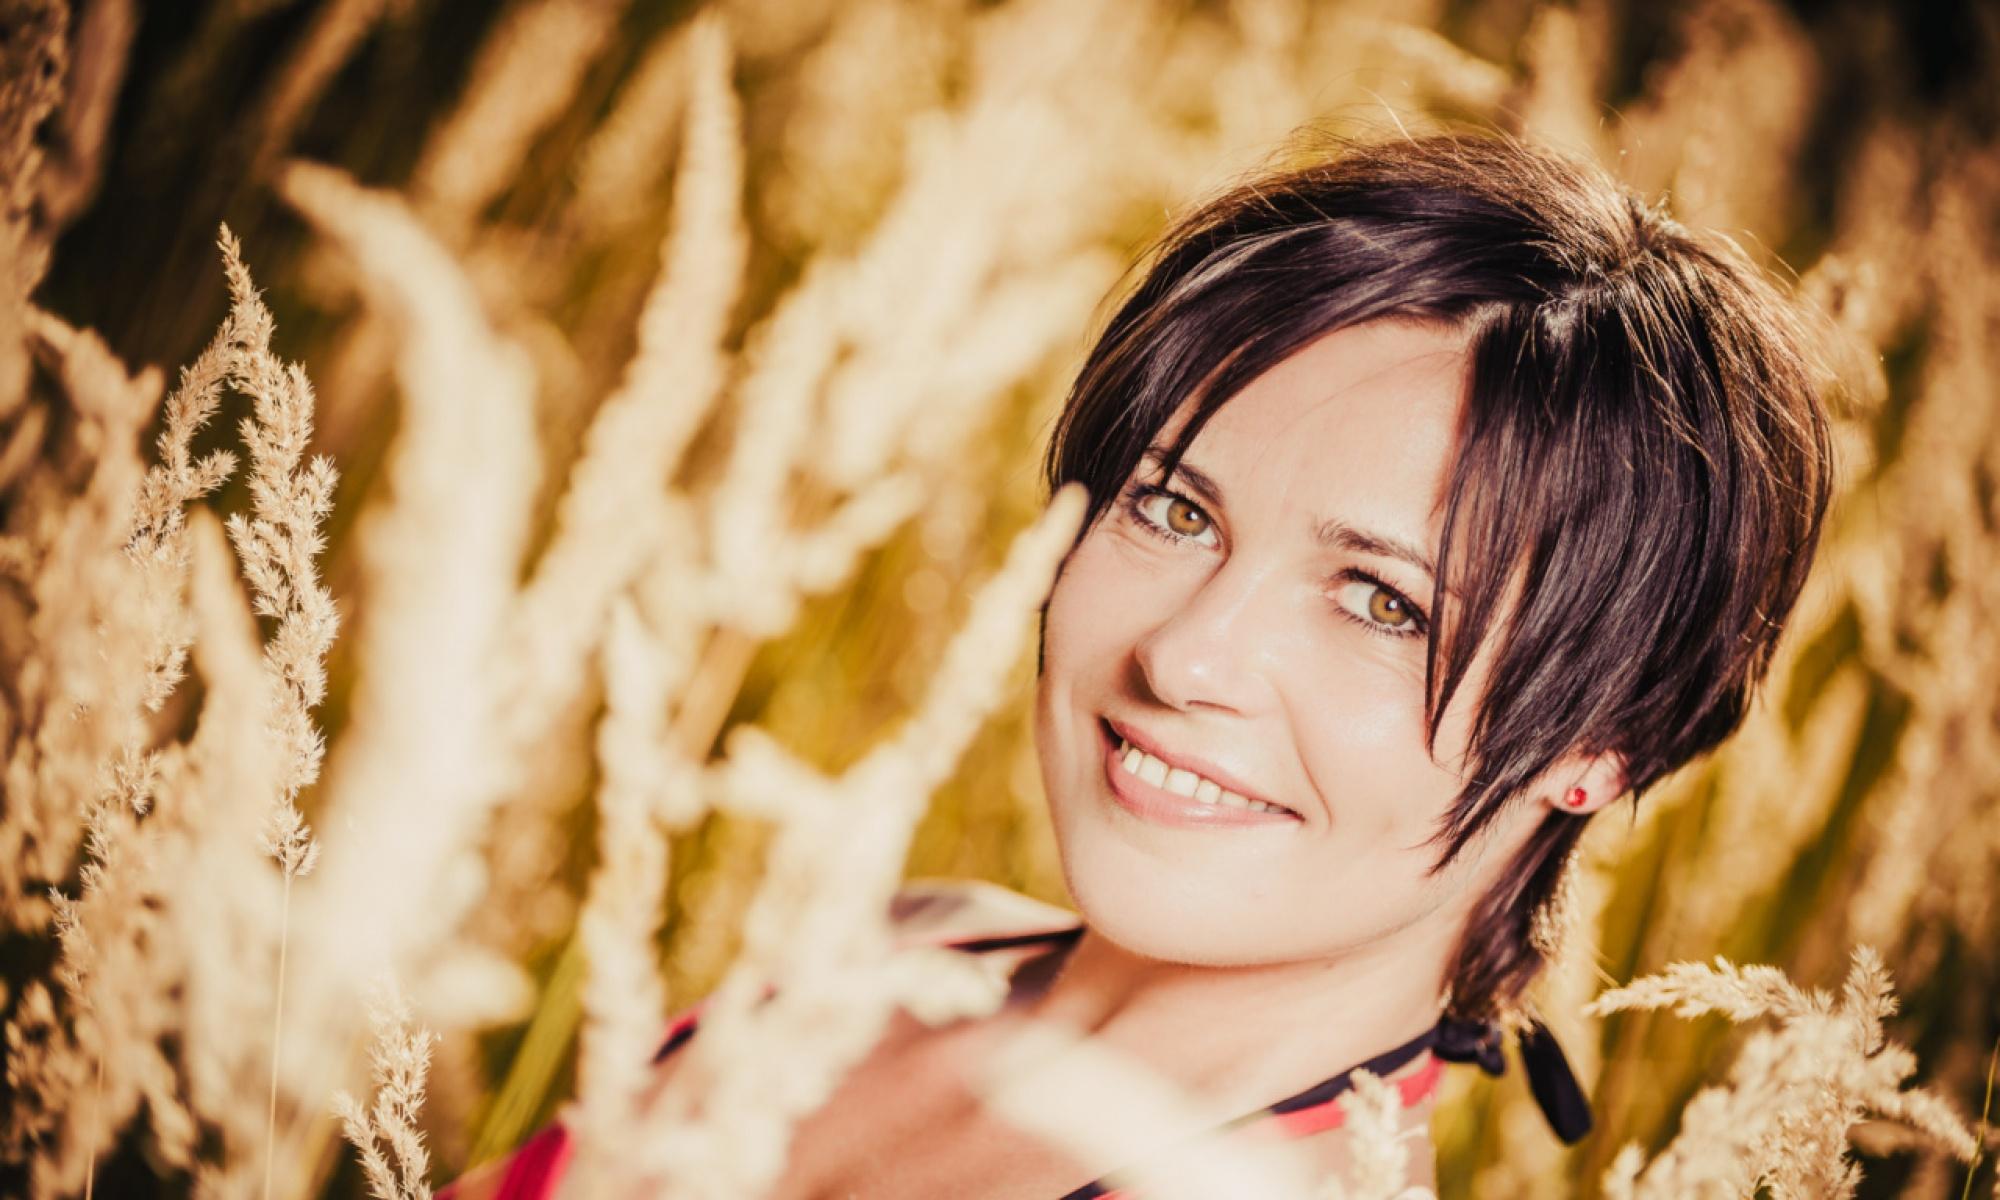 Mandy Partzsch